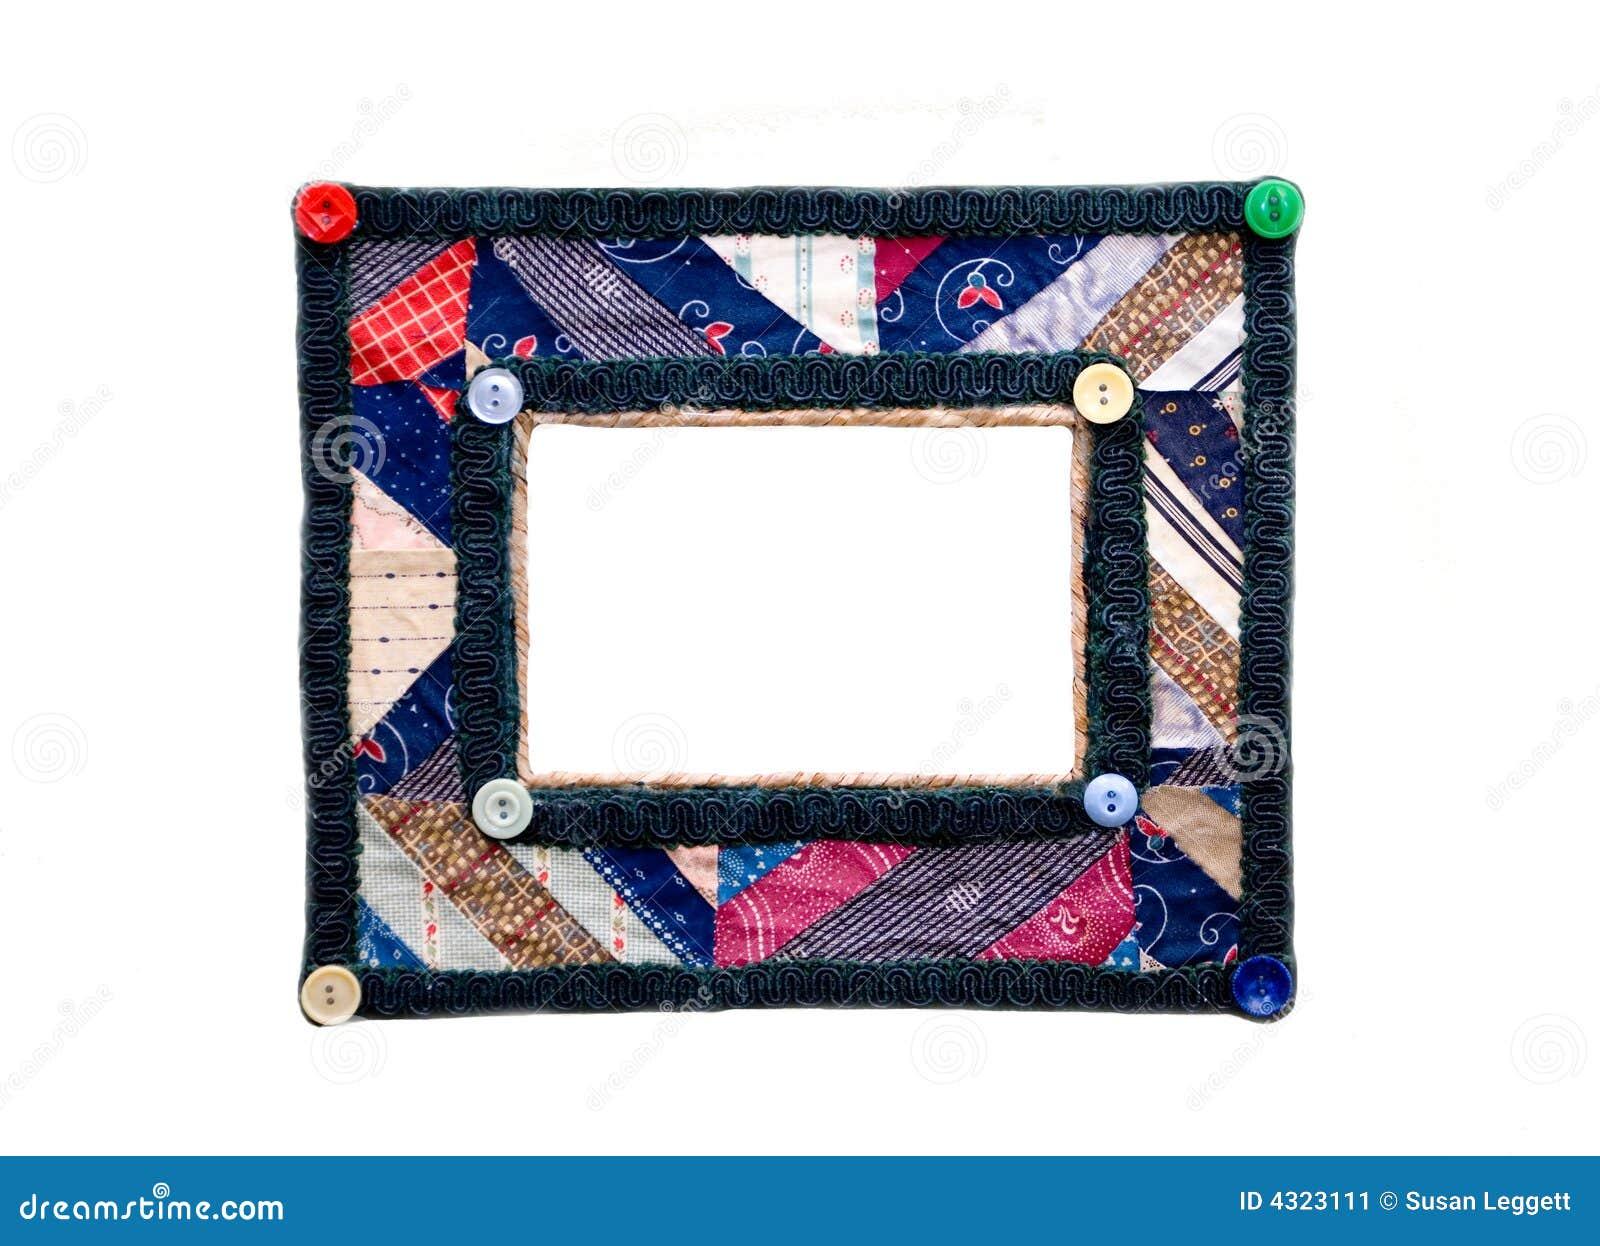 Bunter Bilderrahmen/Steppdecke Stockbild - Bild von farben ...